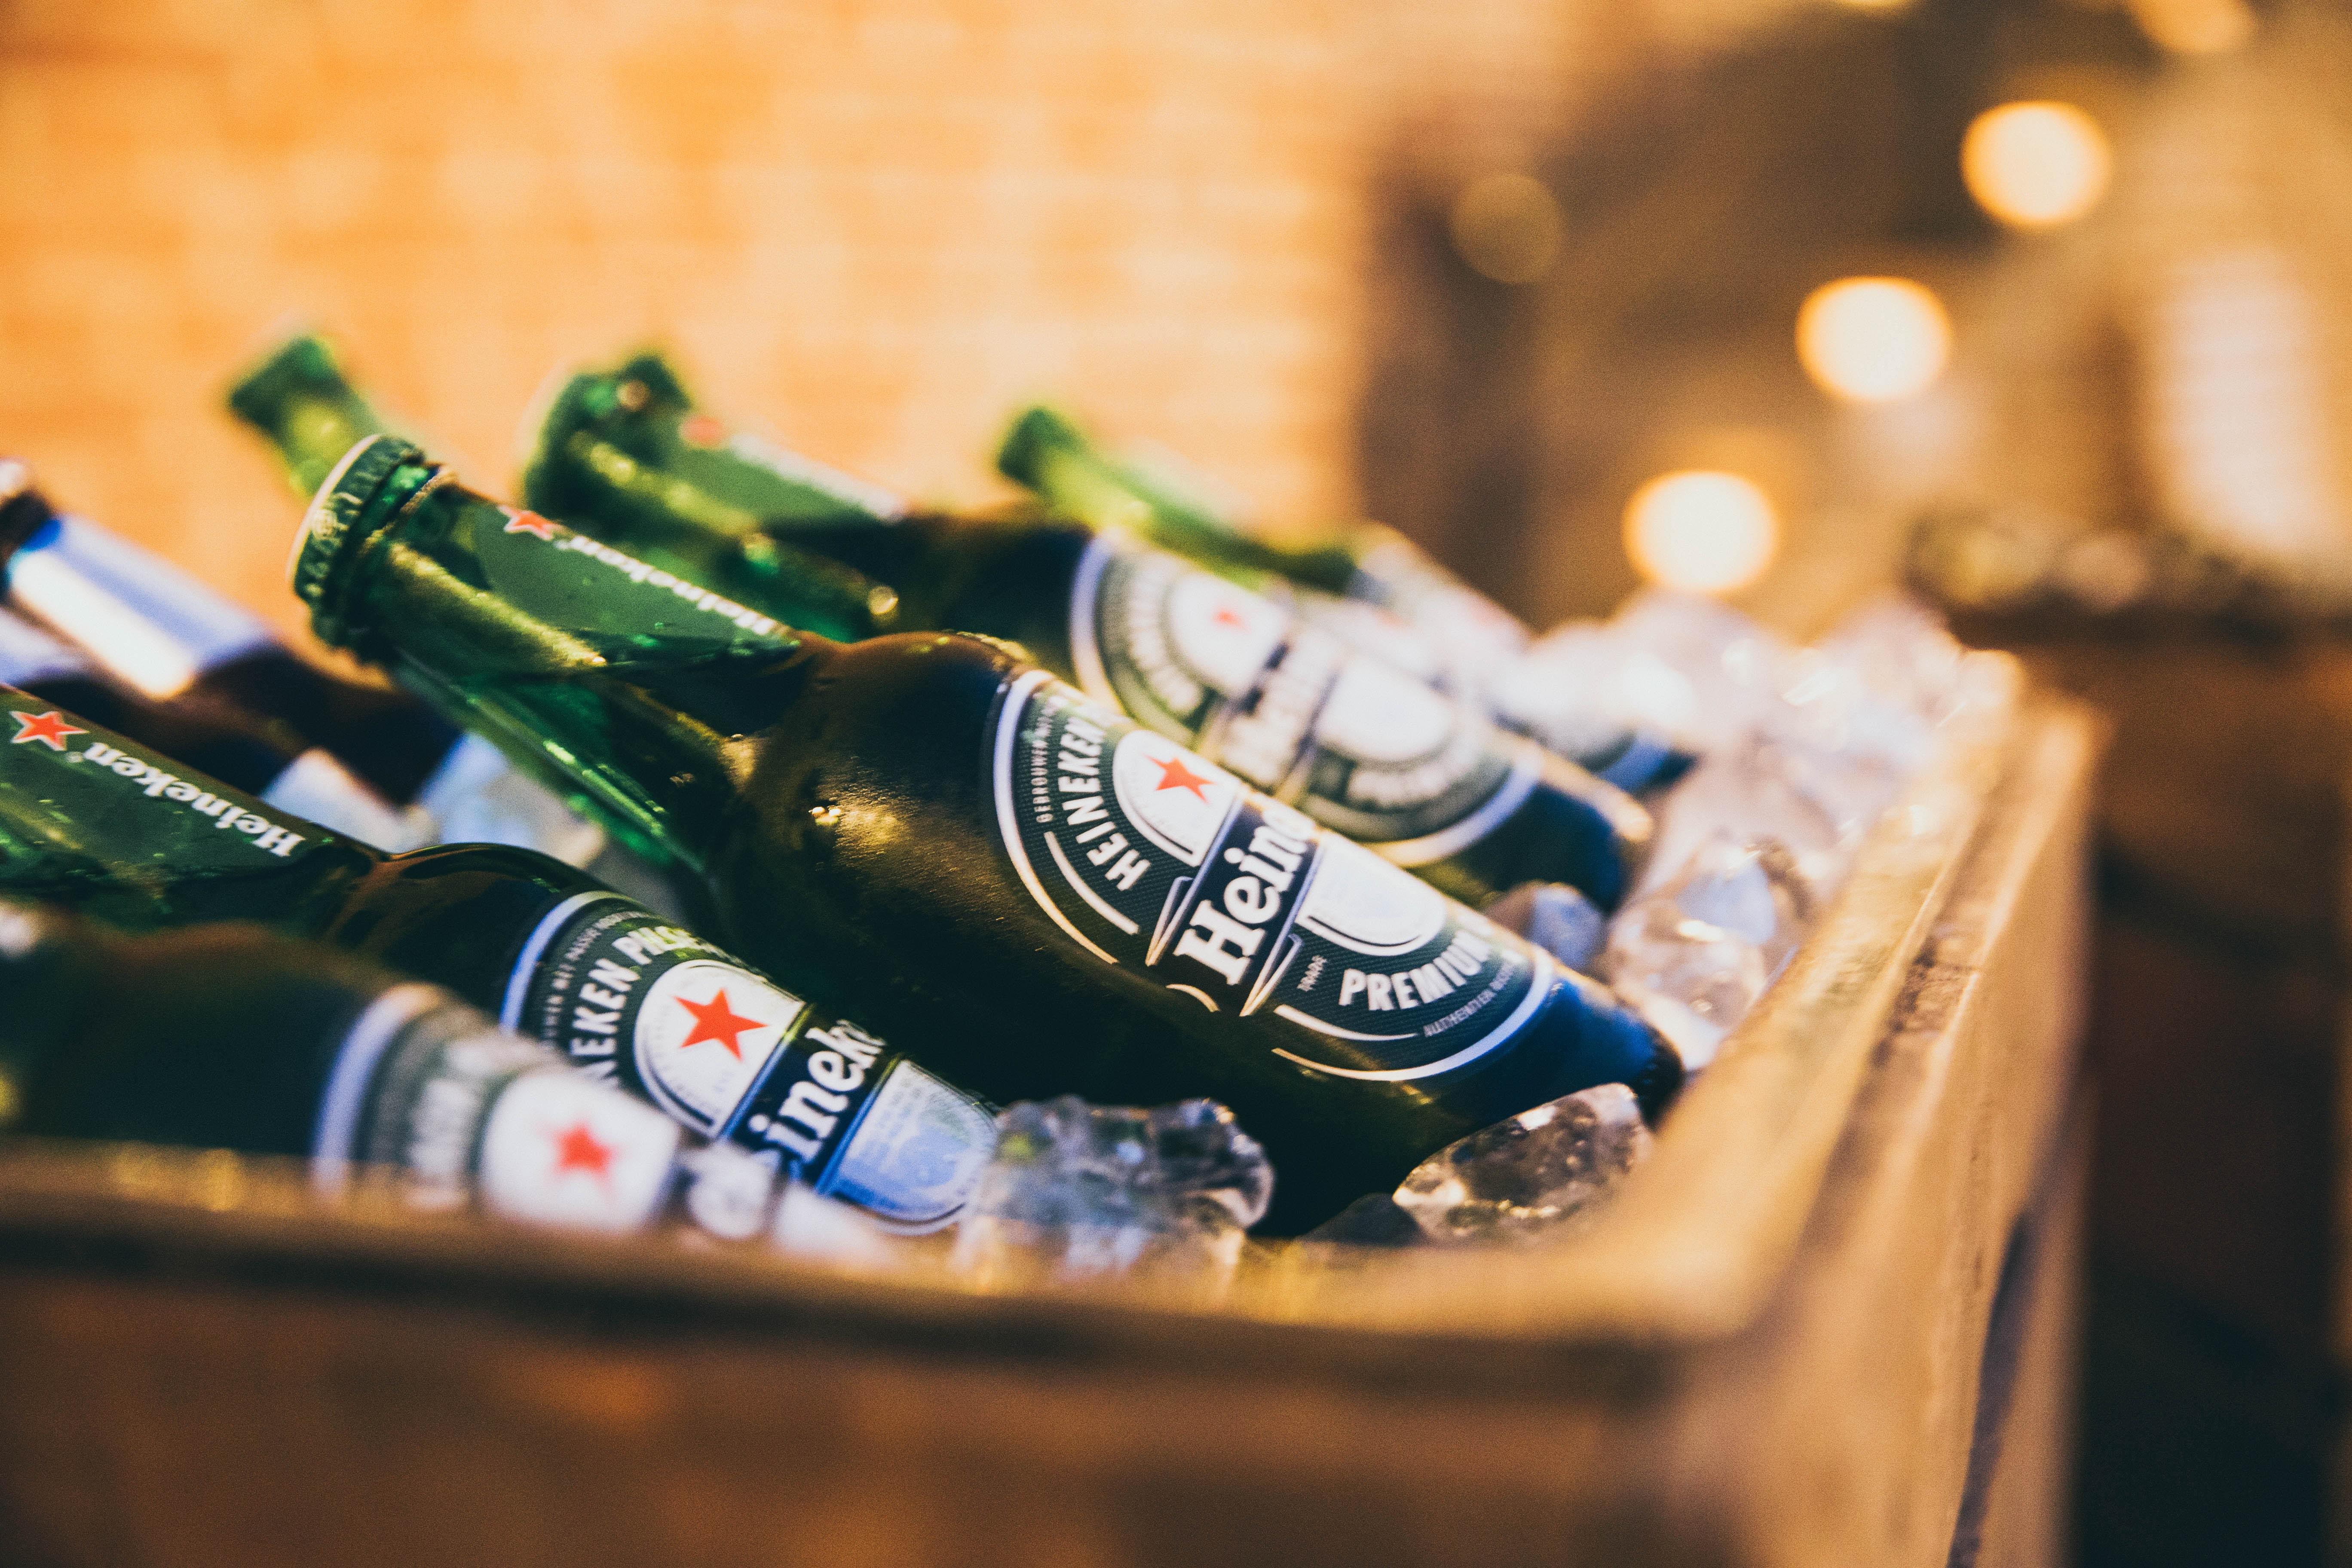 čo vieš o pive